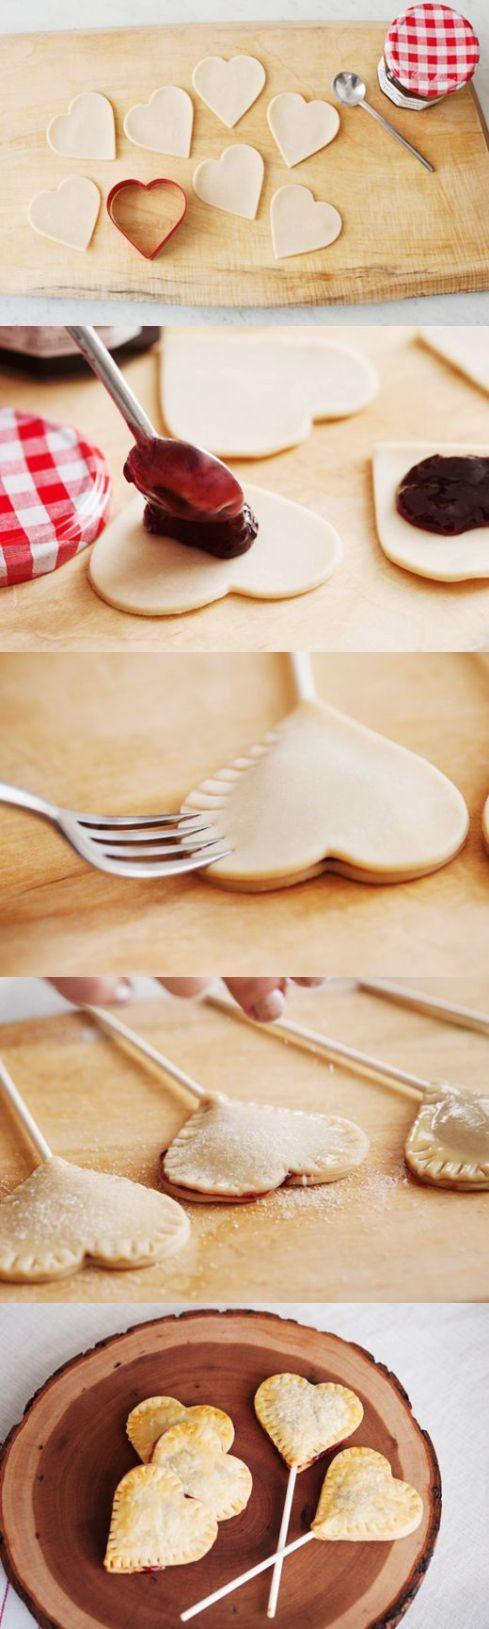 e claro, porque não assar pirulitos de biscoito recheado em formato de coração?